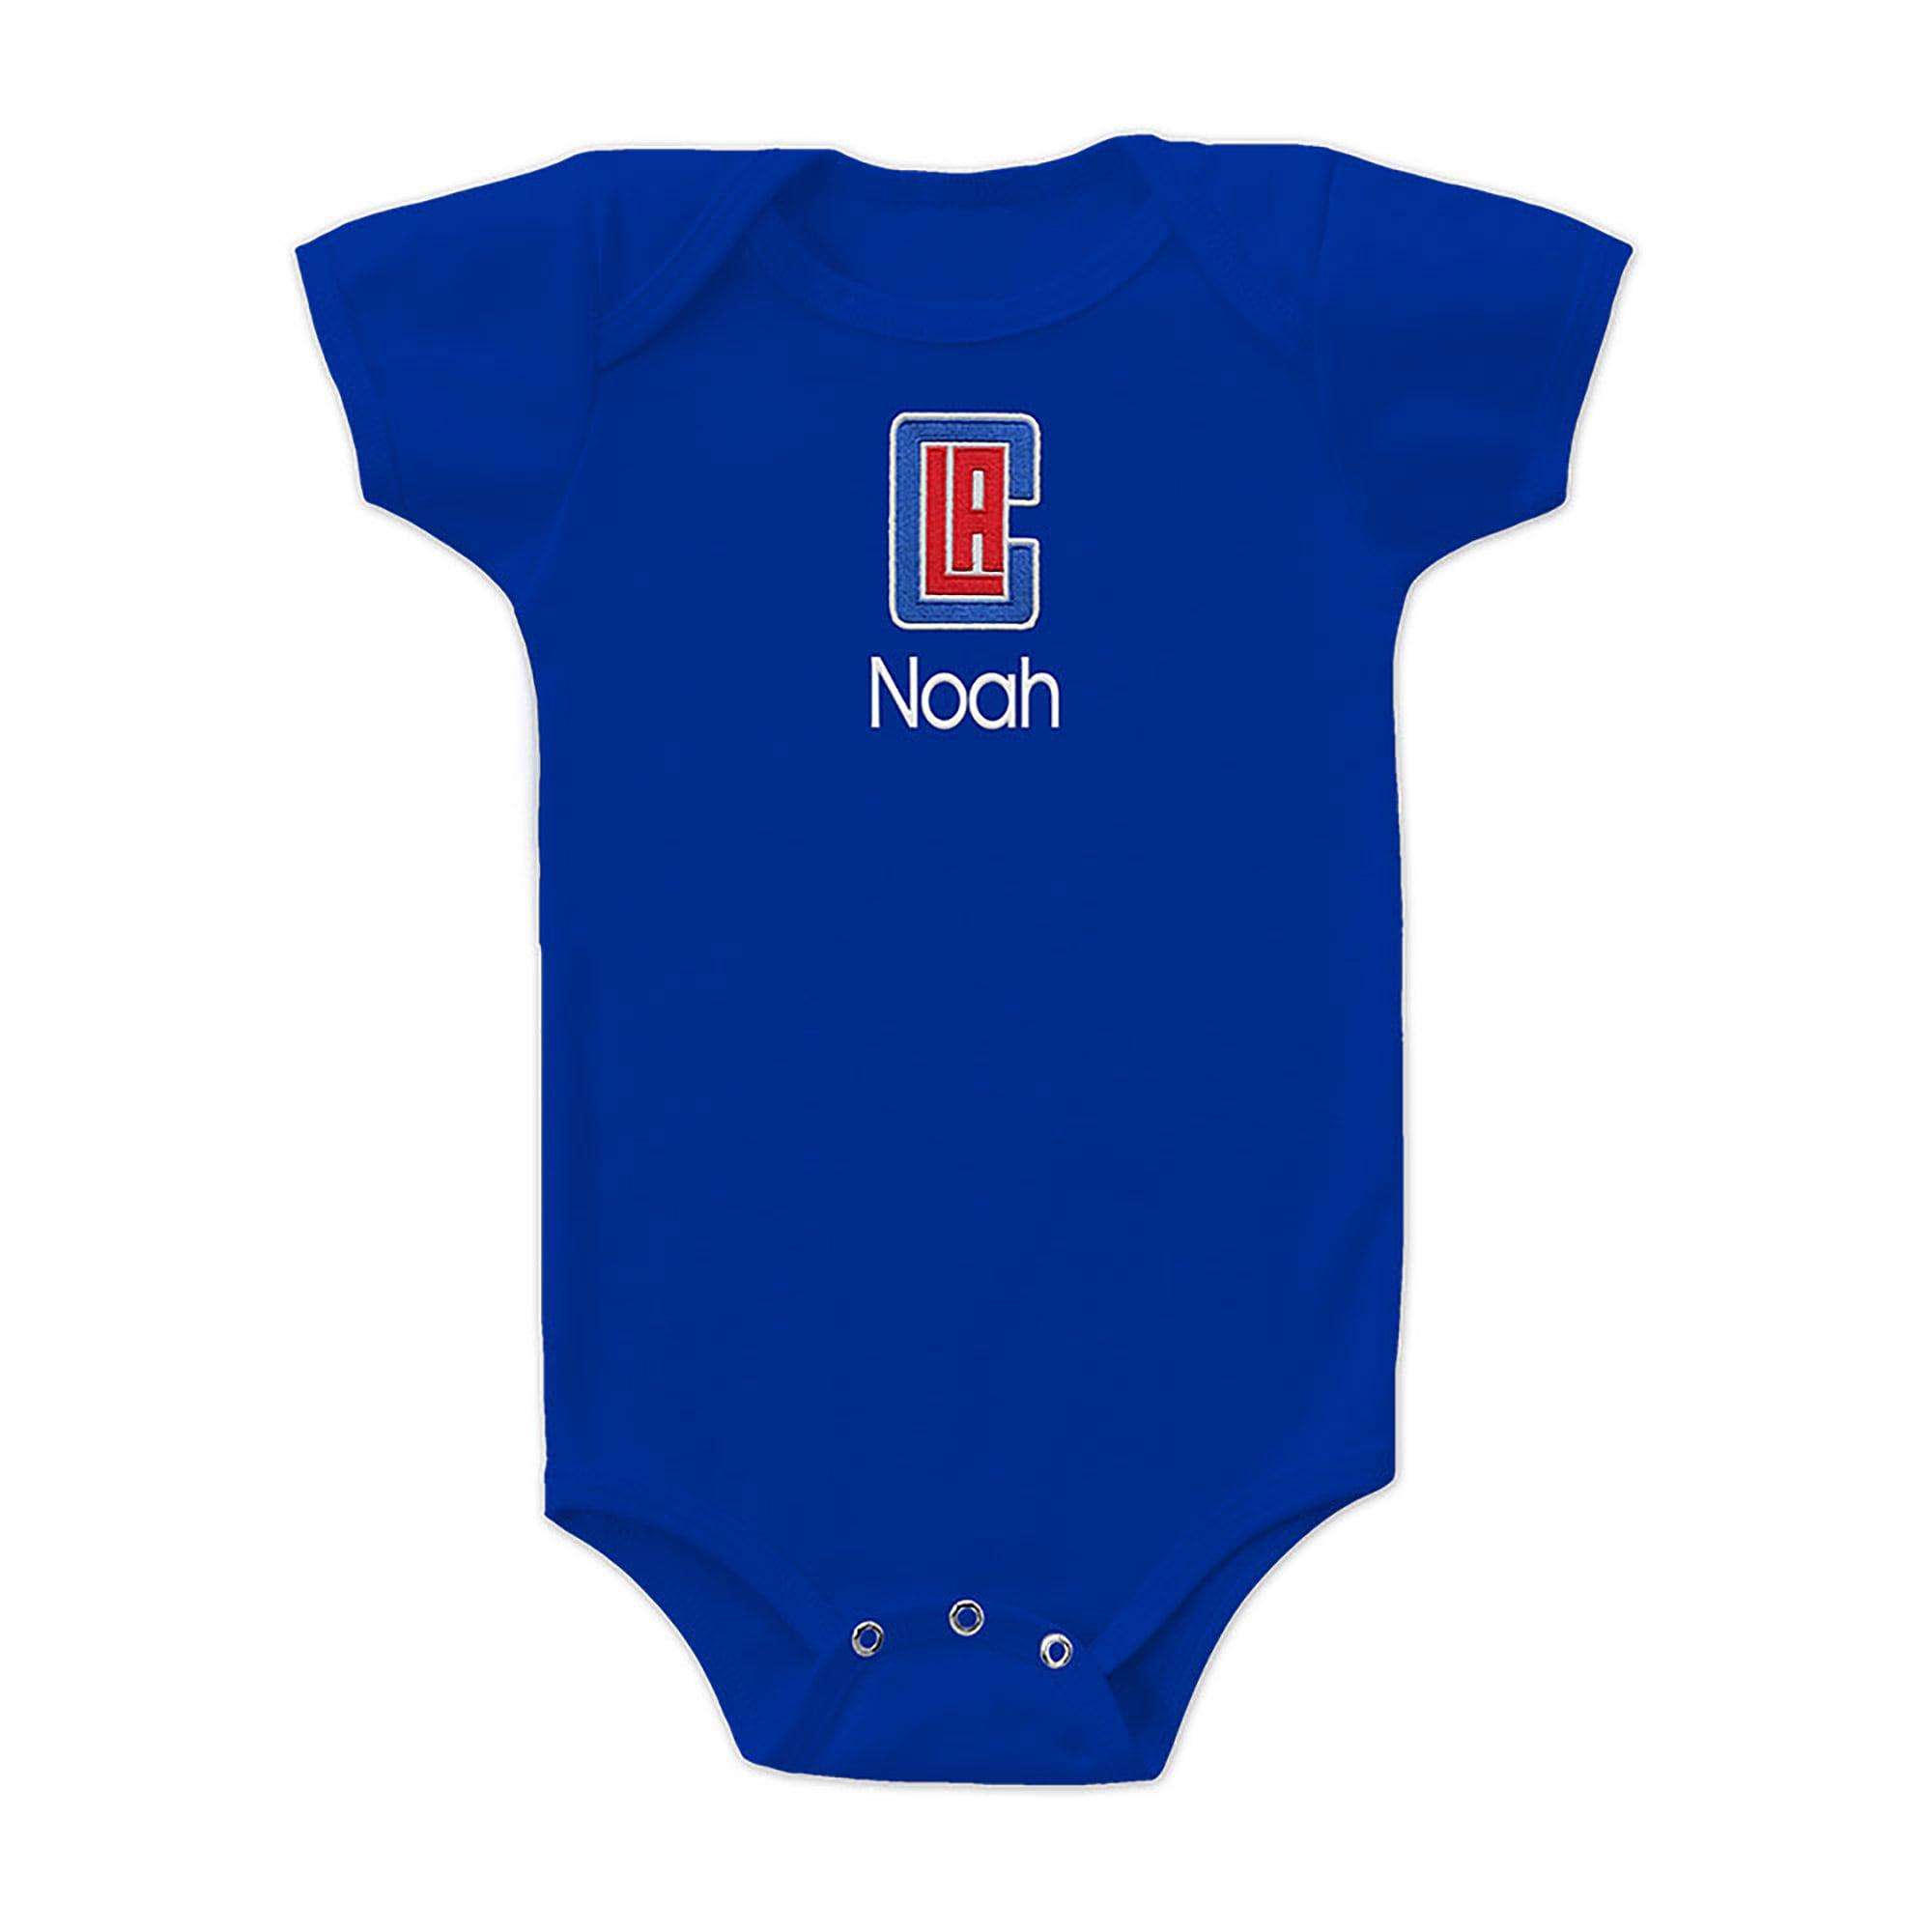 LA Clippers Infant Personalized Bodysuit - Royal